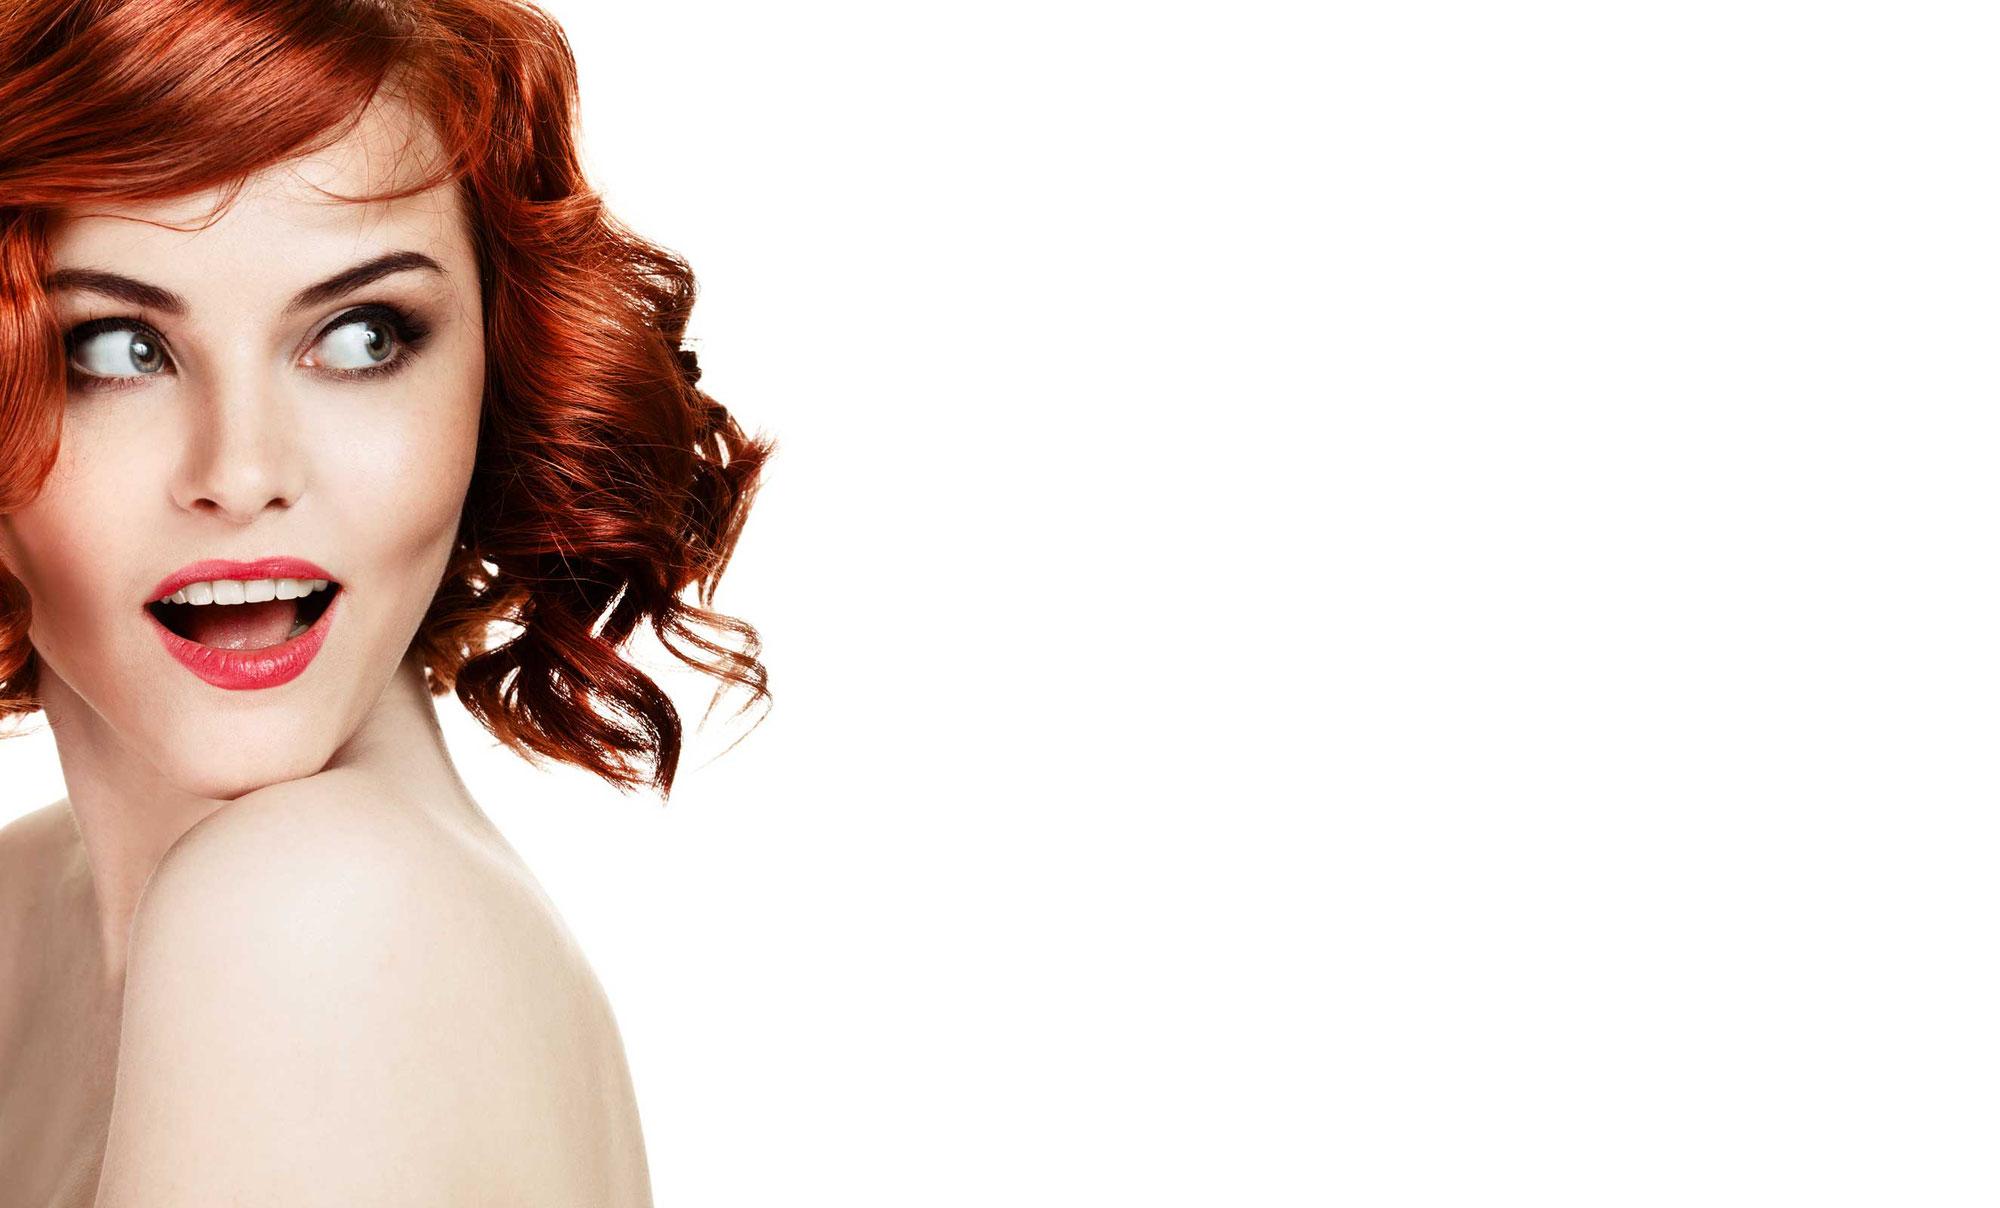 B Styled Hair Collection: Uw Haar Is Onze Passie